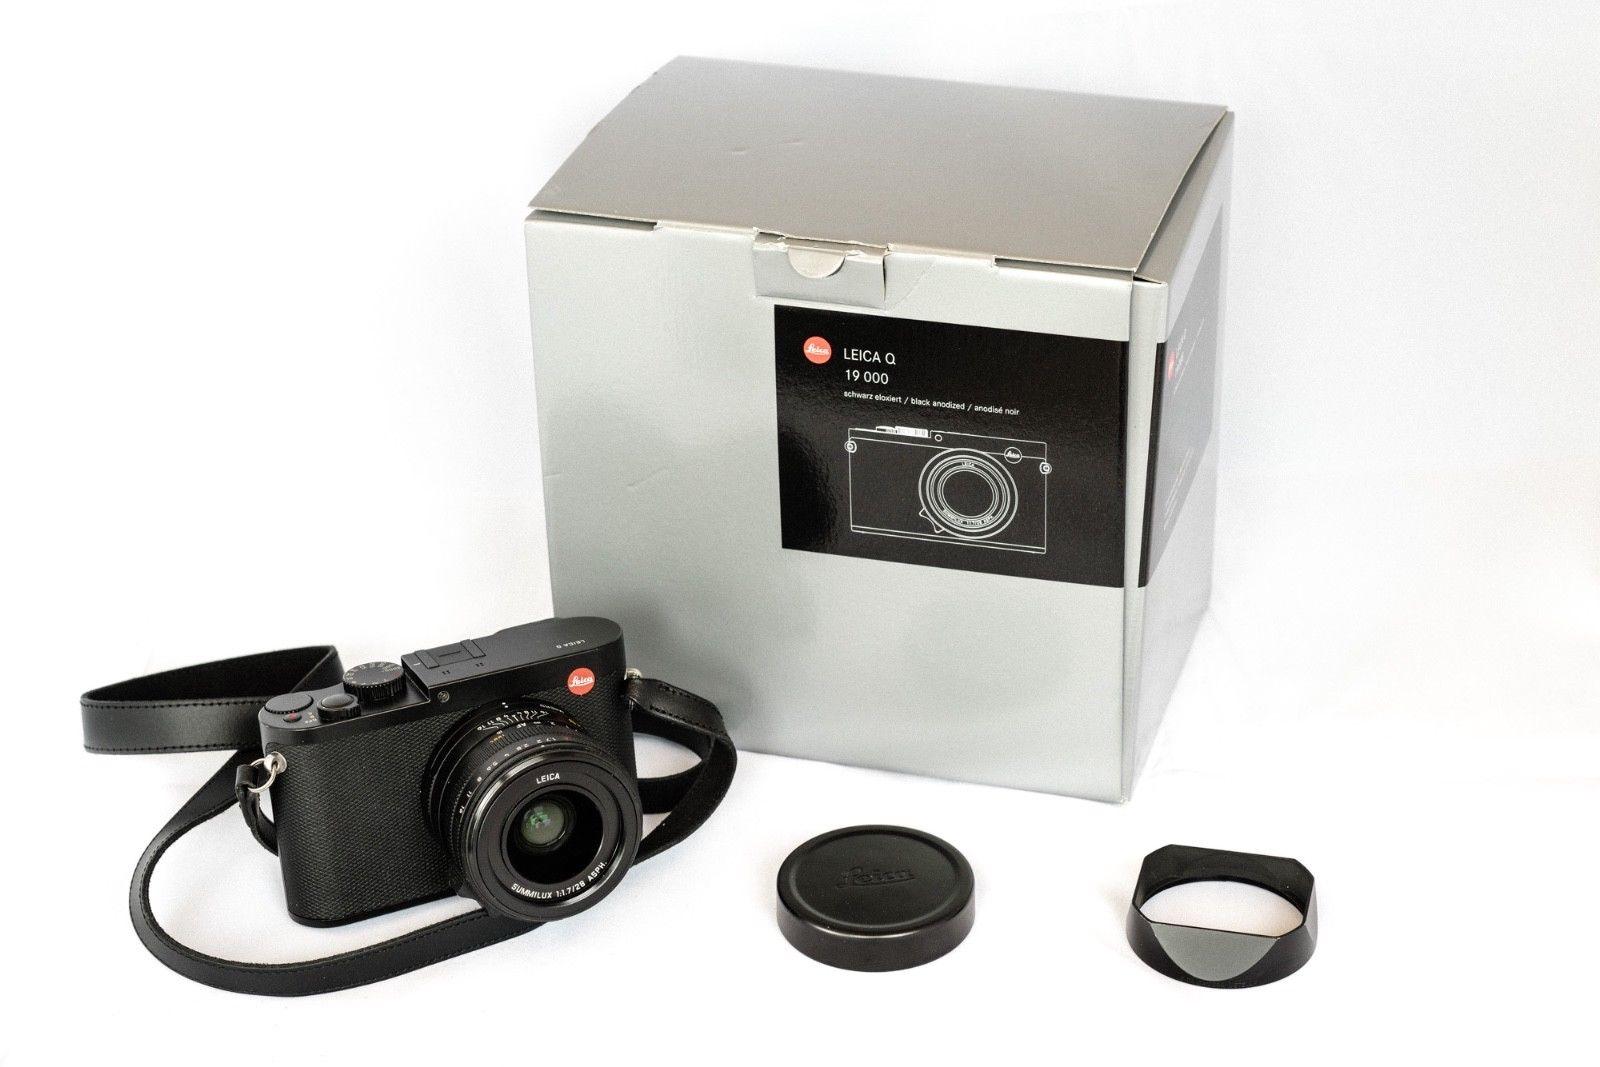 Leica Q Typ 116 24.2MP Digitalkamera - Schwarz - Top Zustand - OVP